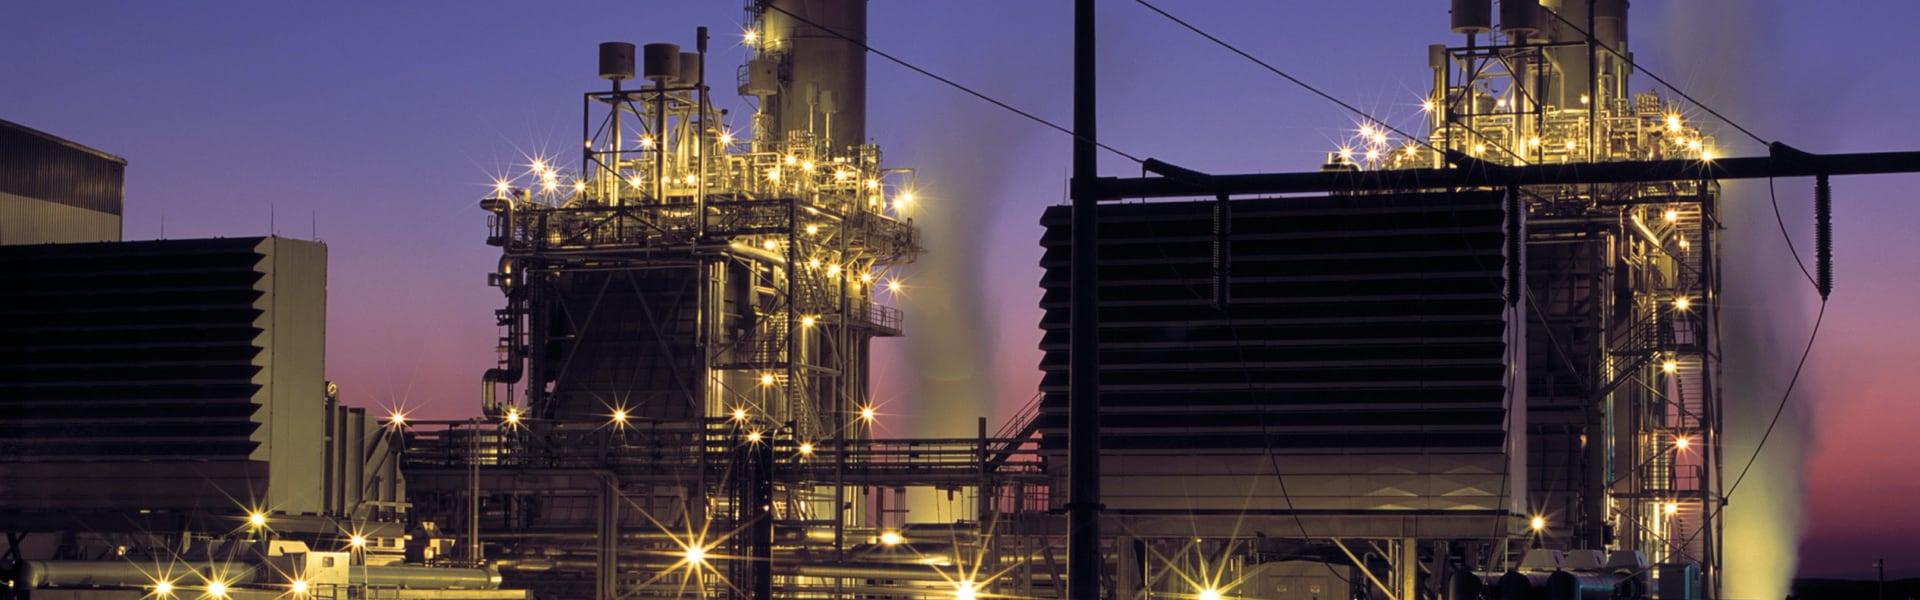 Hoogleraar vindt negeren aardgasverbod 'uitstekend plan': 'Groen gas goed voor meer gebieden'